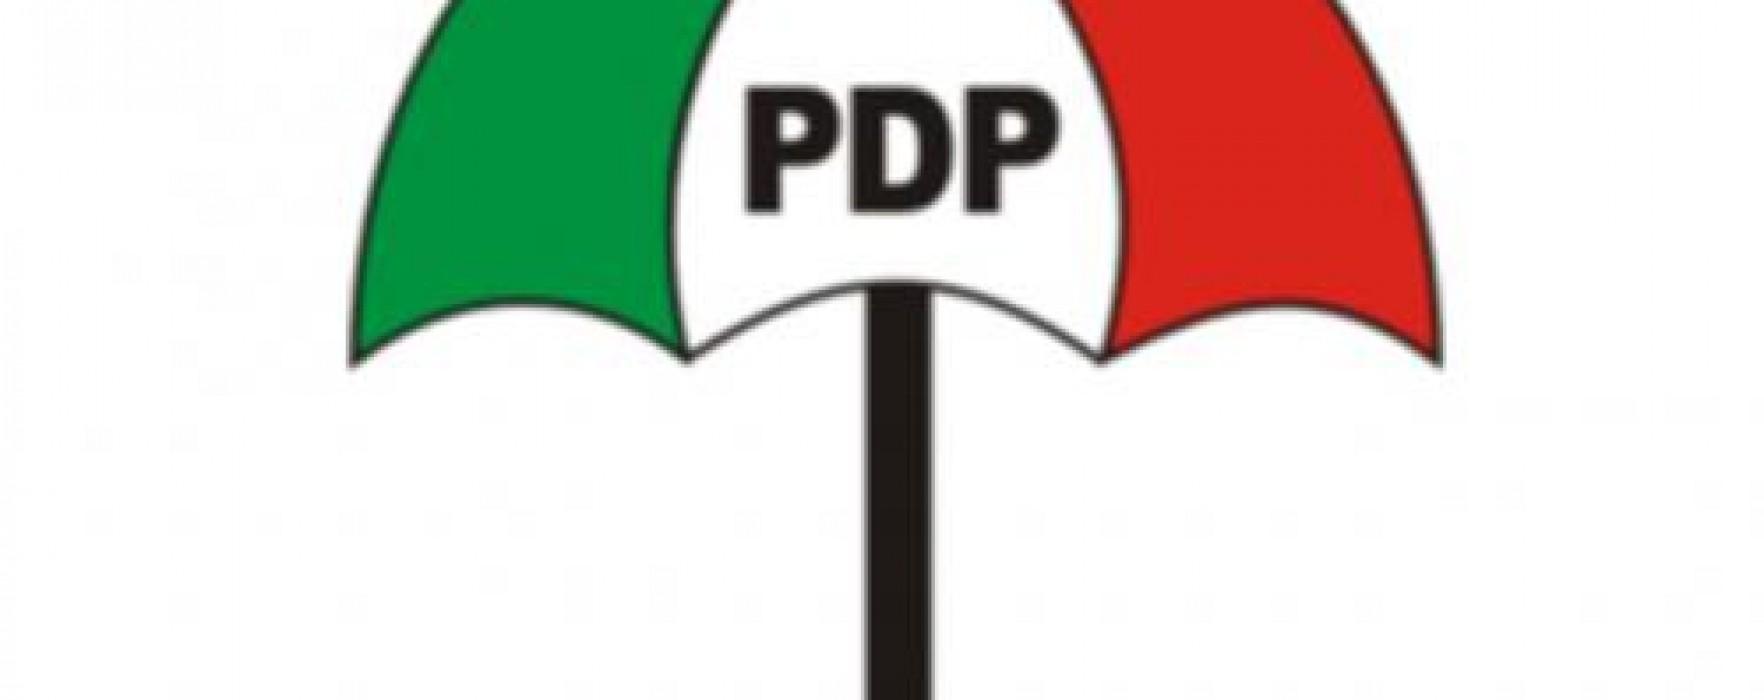 PDP officials shot dead - PDP-Flag-TheinfoNG